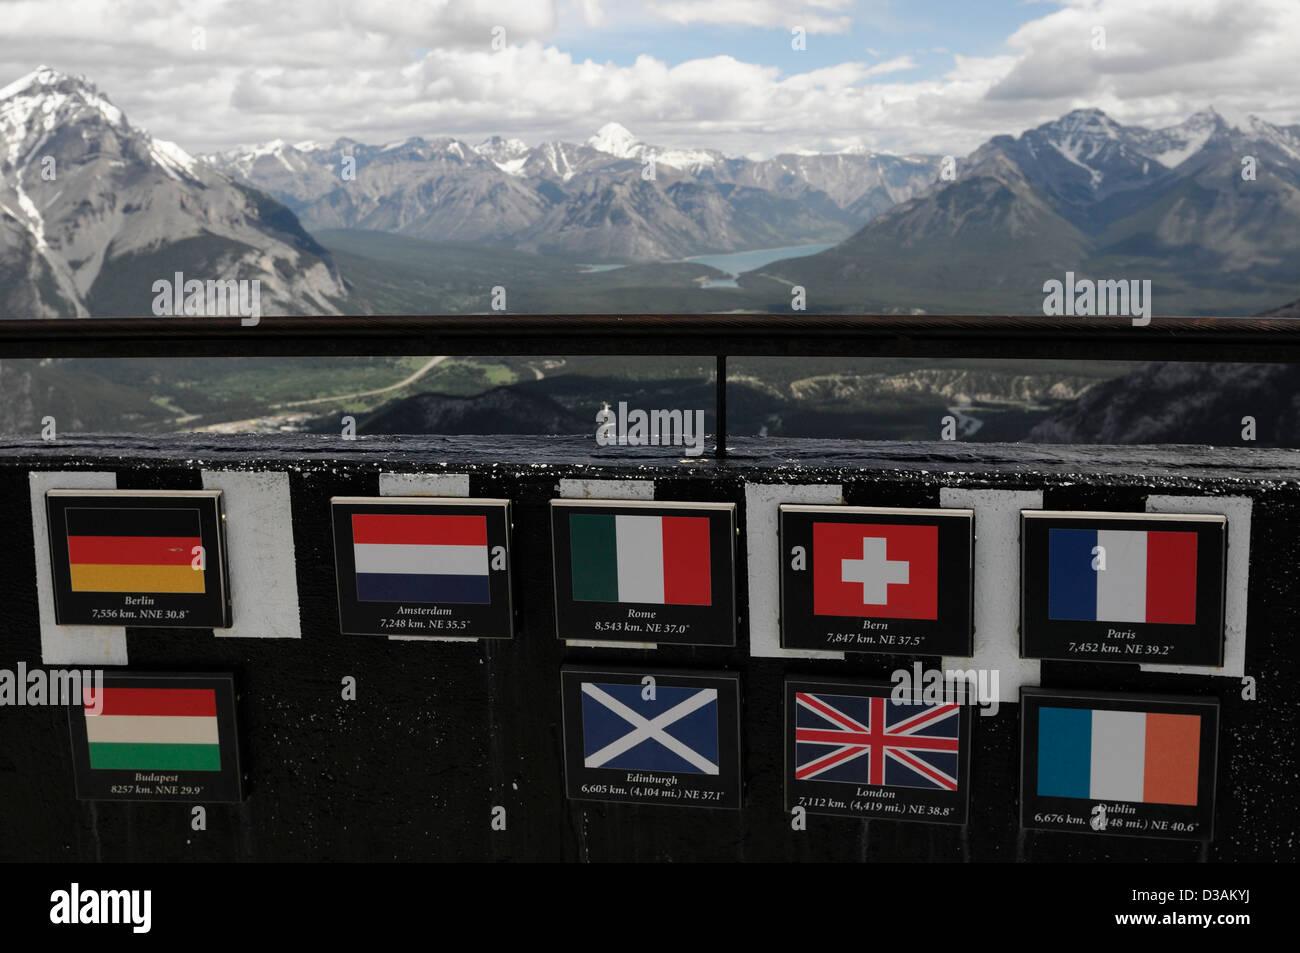 Punkt von Interesse Abstand Zeichen europäischer Städte Reiseziele von Sulphur Mountain Banff Gondel Nationalpark Stockbild